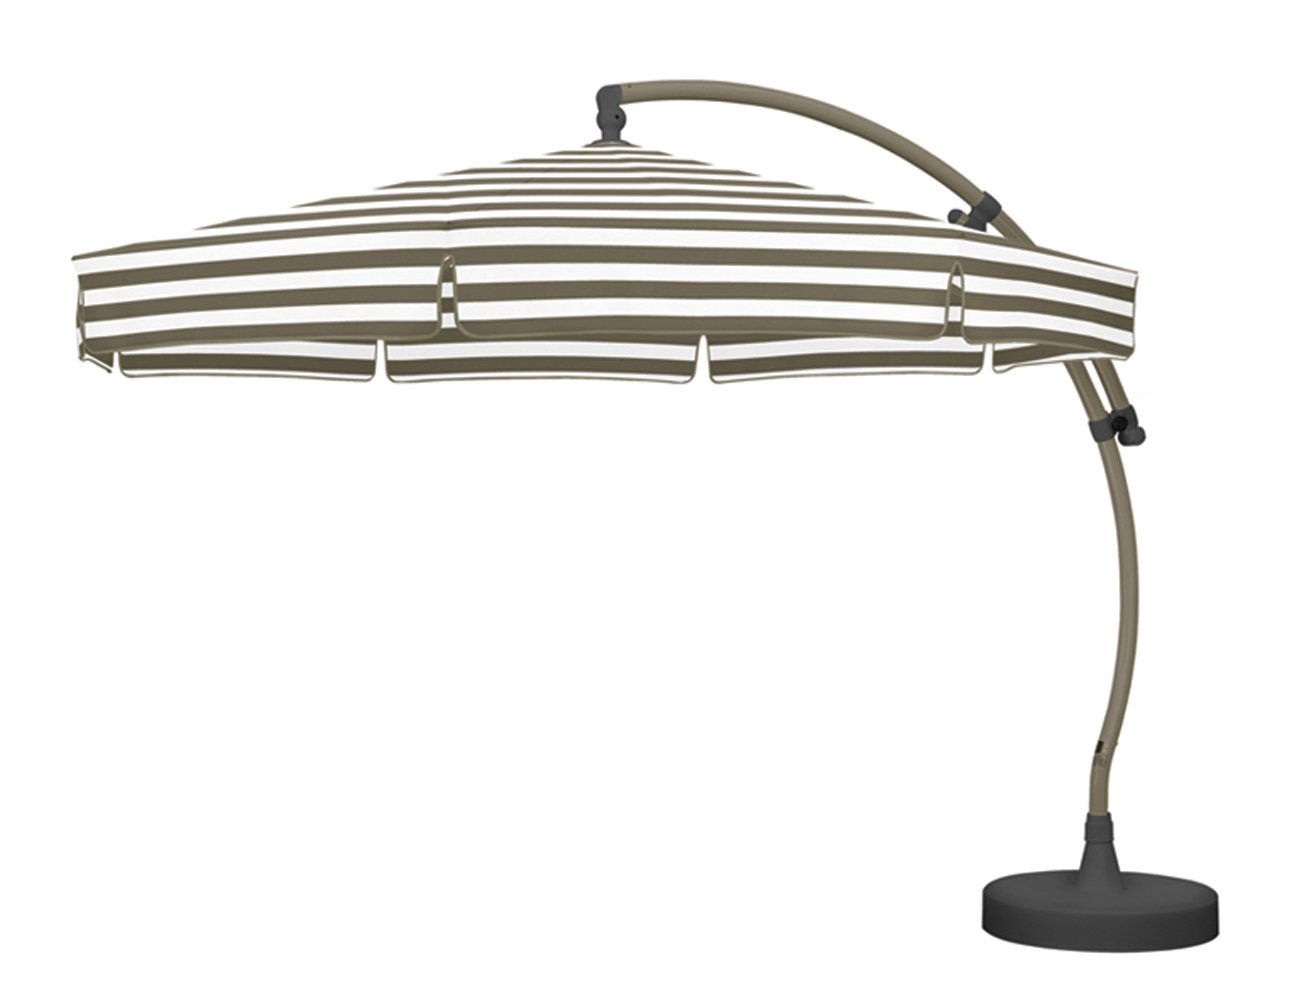 Sun Garden 10155810 Ampelschirm Easy-Sun, Polypropylen, ø 3.5 m, Streifen / taupe günstig online kaufen